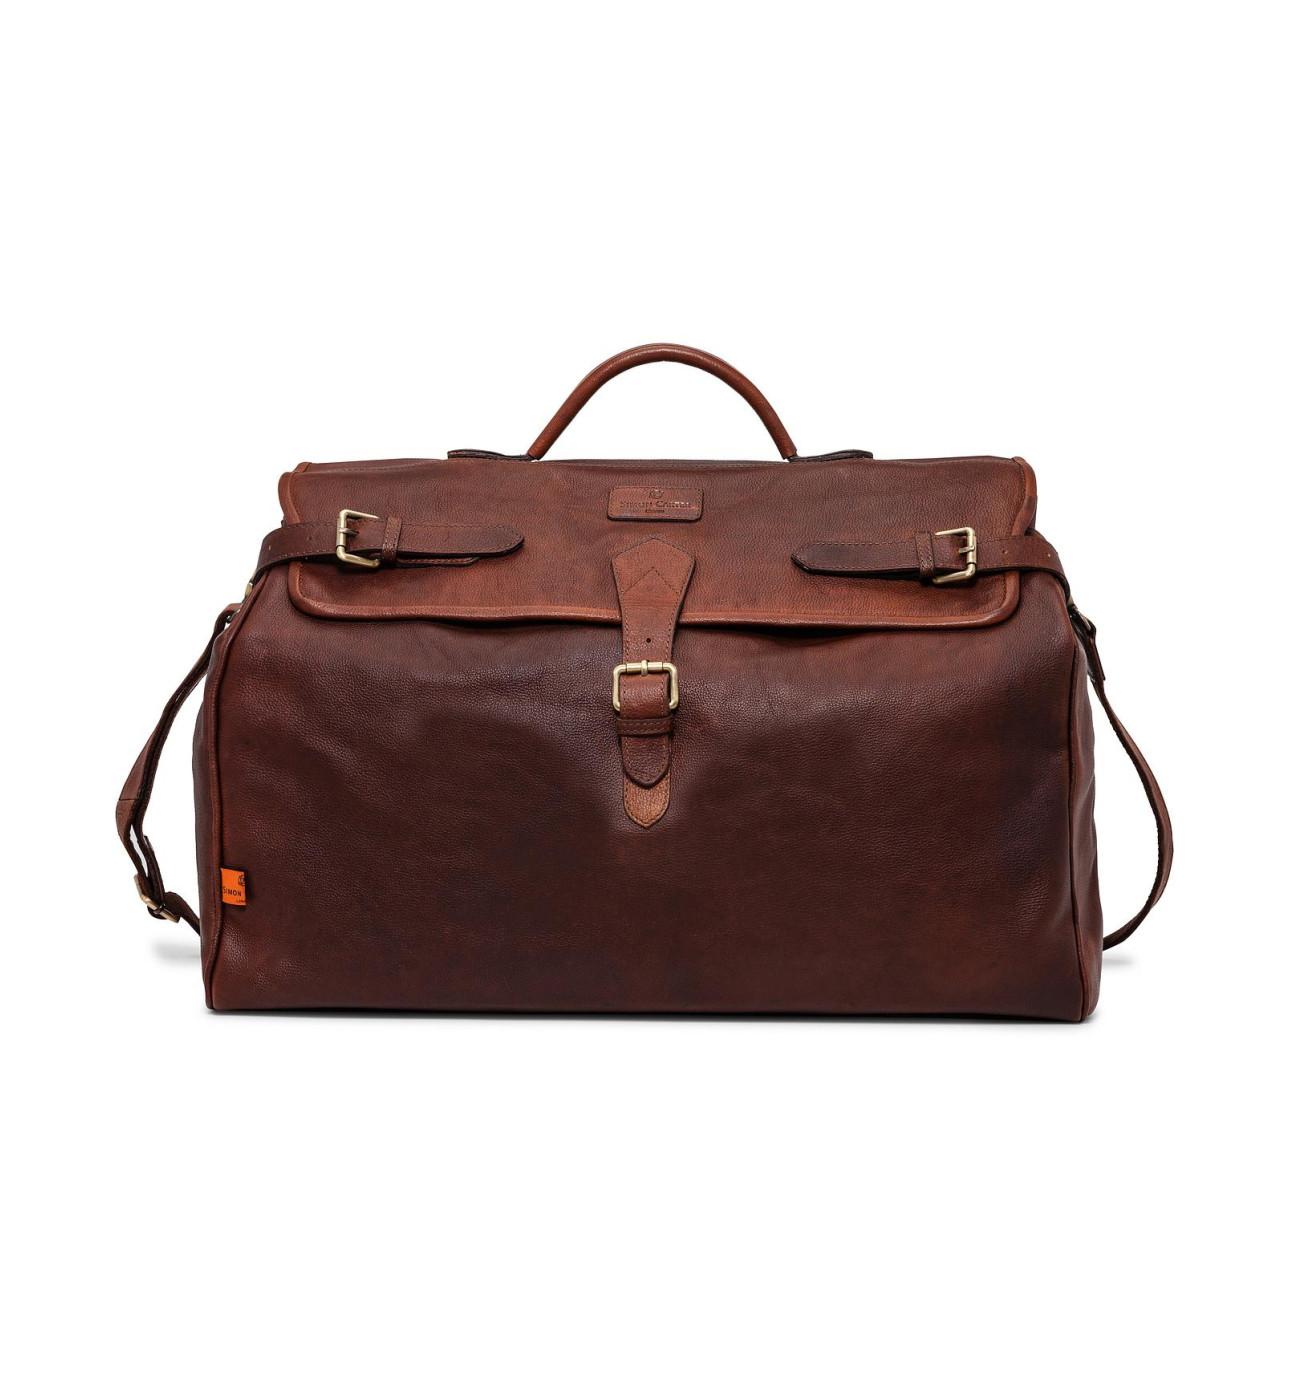 Norfolk Leather Weekend Bag